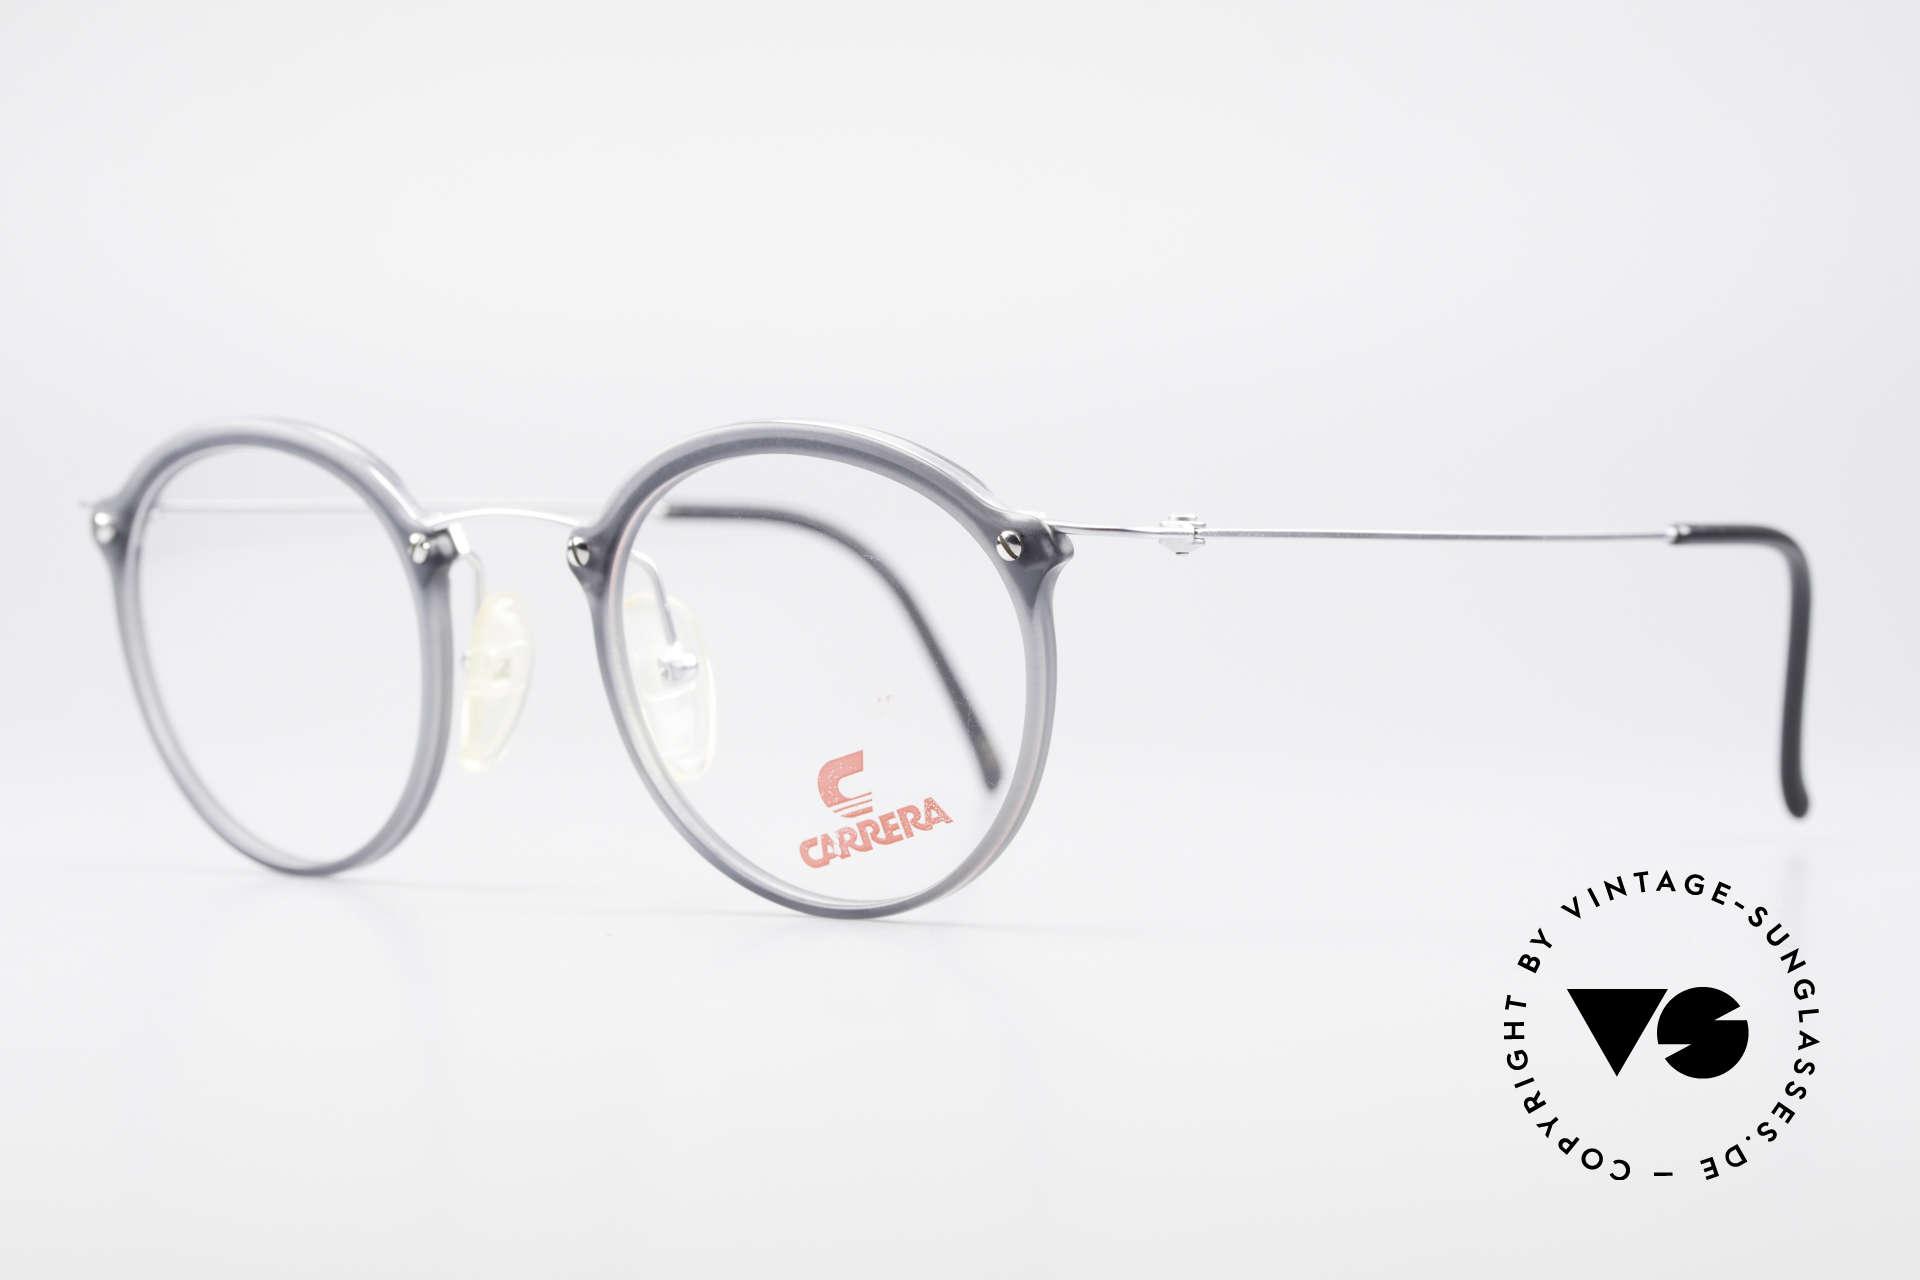 Carrera 4942 Runde Panto Vintage Brille, zeitloses Designerstück in absoluter TOP-Qualität, Passend für Herren und Damen